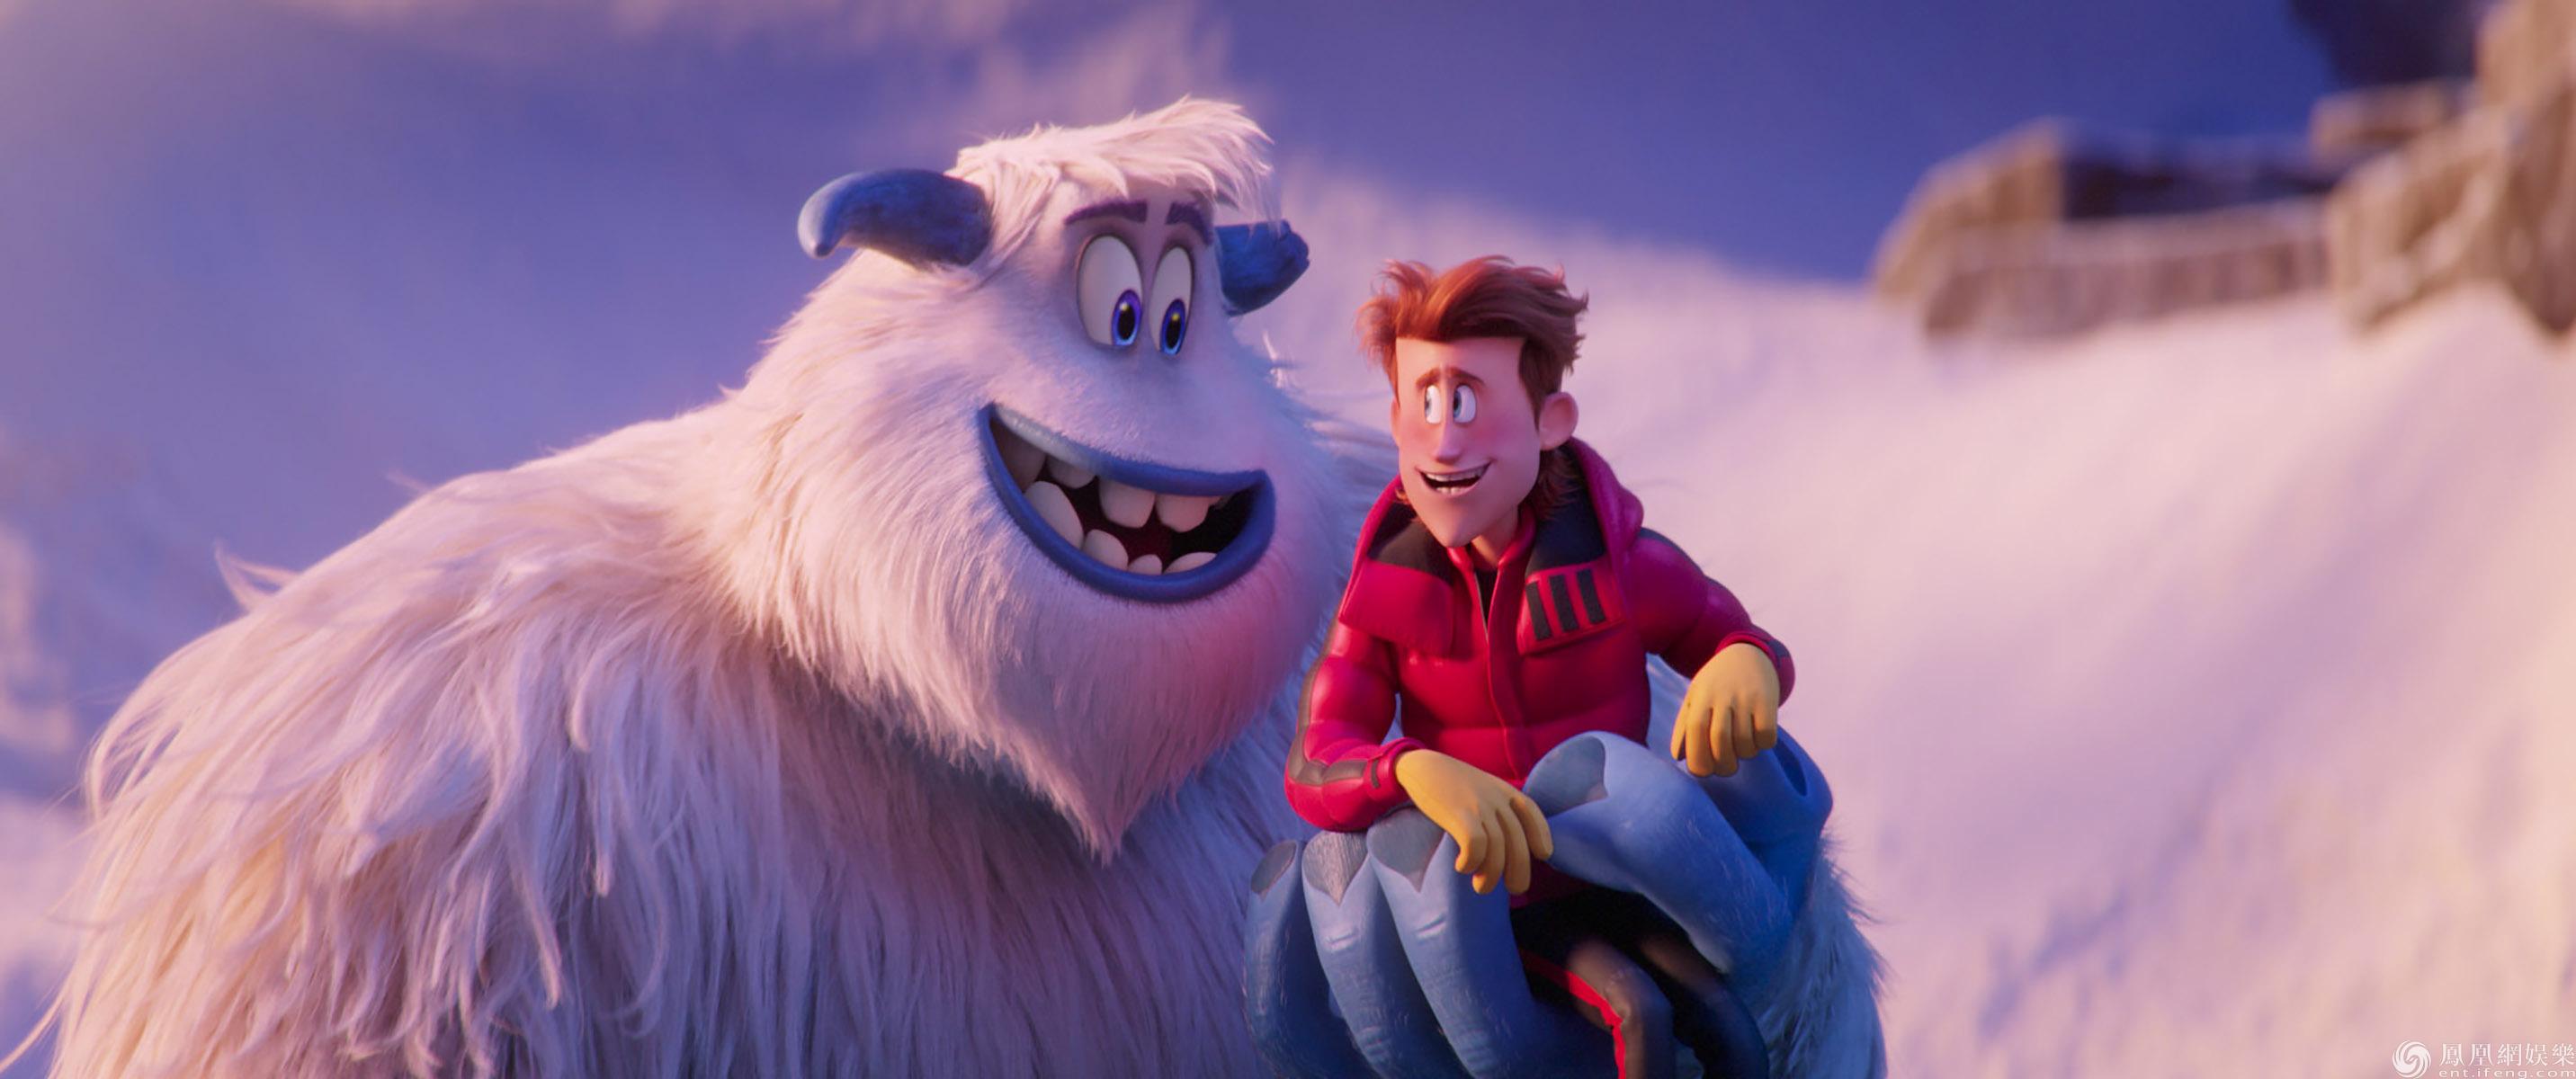 《雪怪大冒险》曝新版预告 咆哮体雪怪语听不懂也想笑